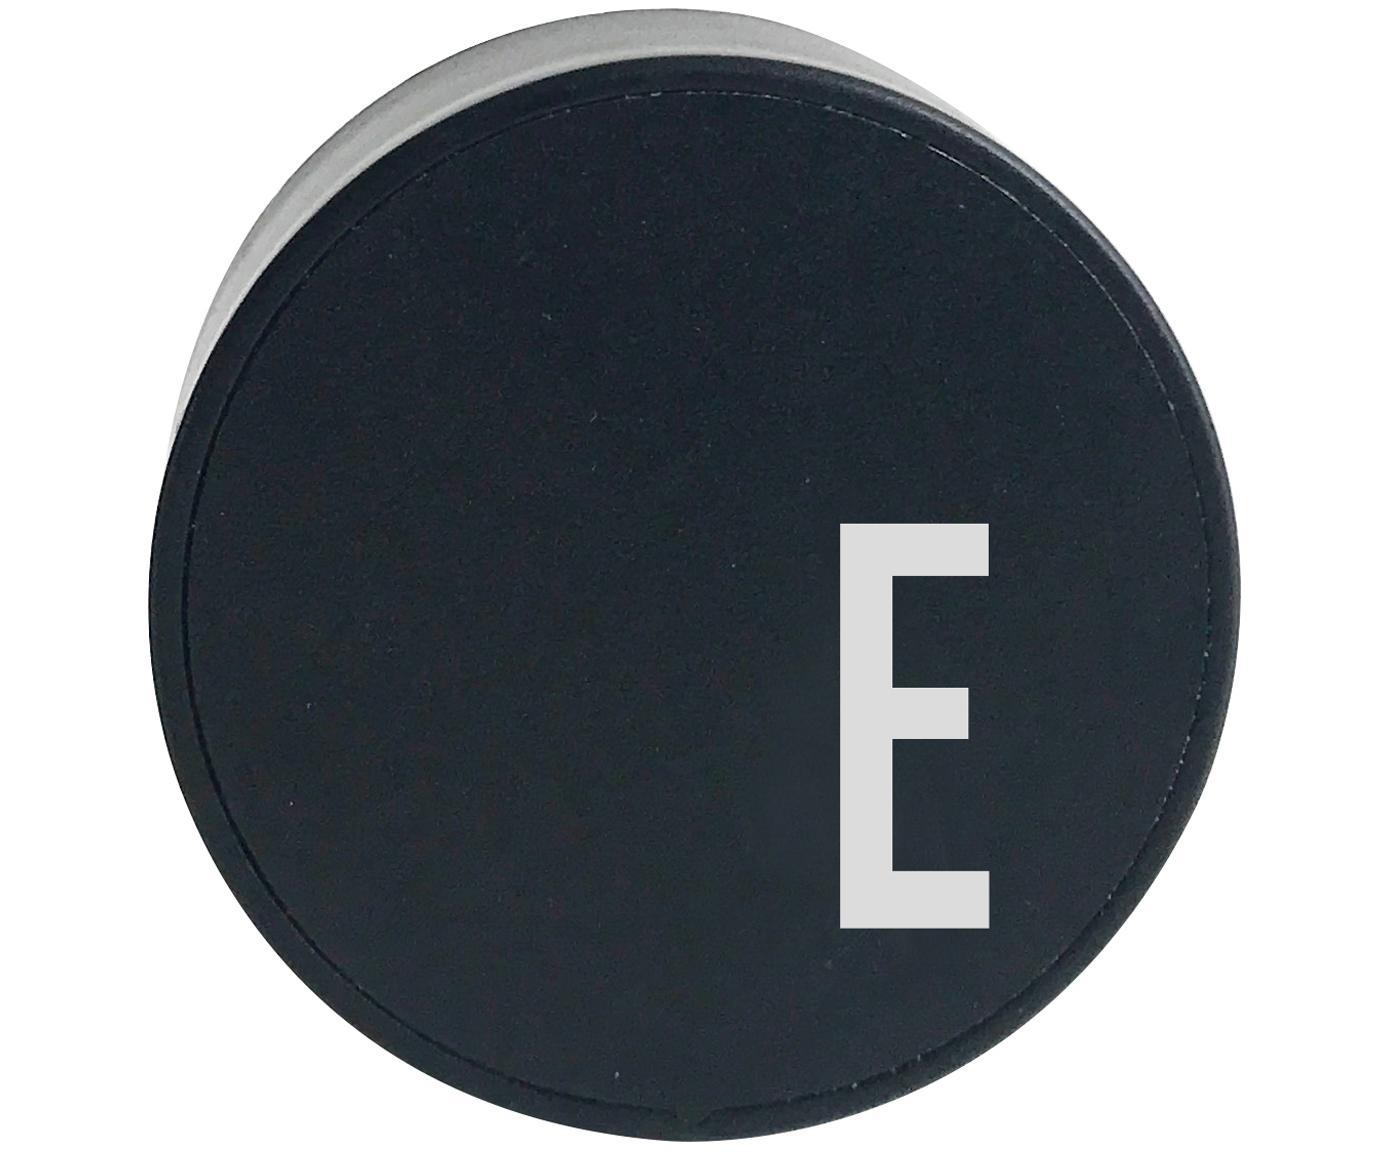 Oplader MyCharger (varianten van A tot Z), Kunststof, Zwart, Oplader E